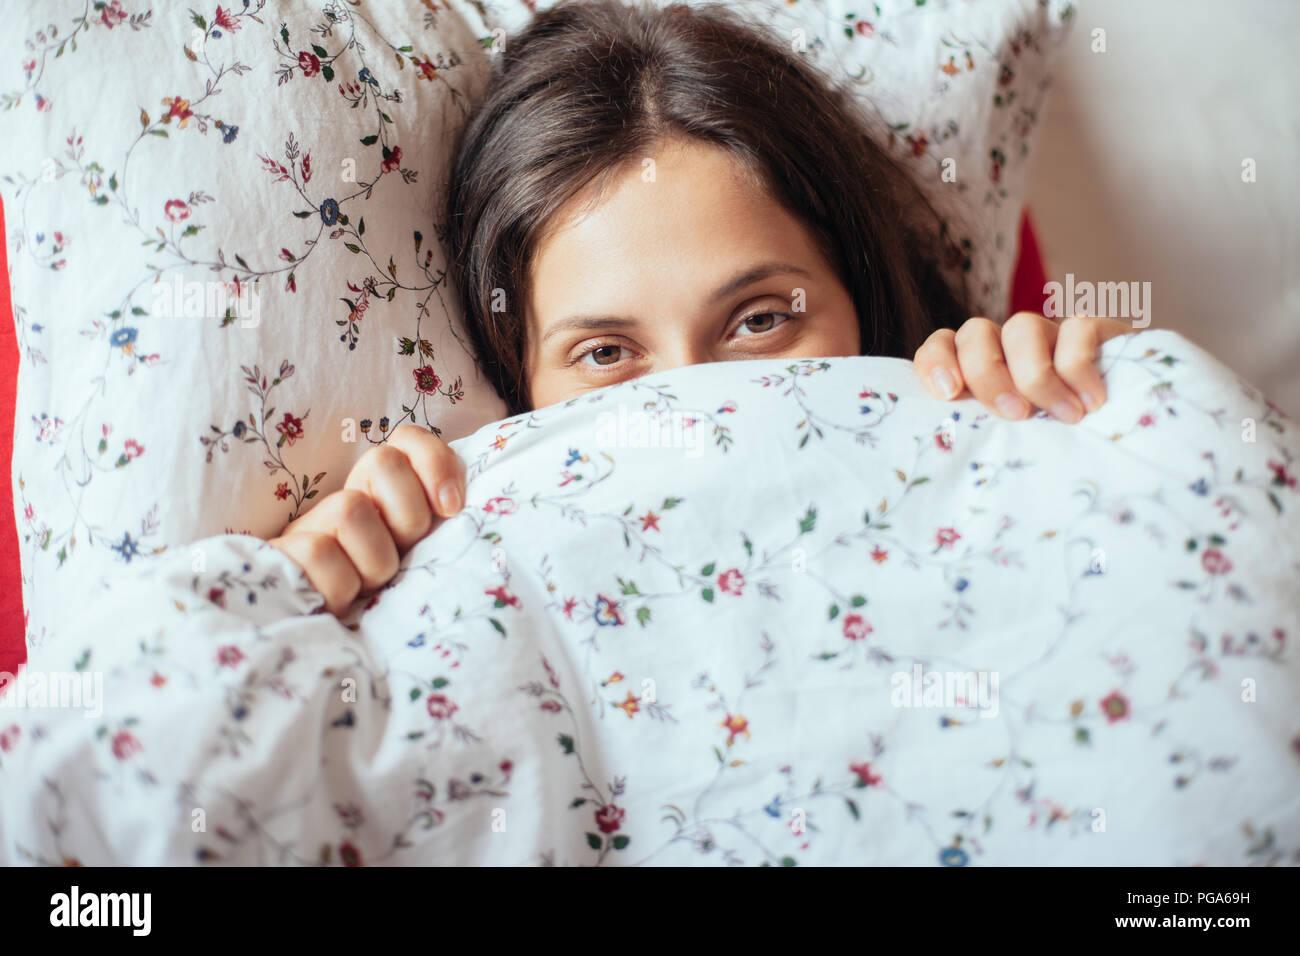 Joven mire debajo de su cama, manta en primer plano. Bella mujer ocultando cara Imagen De Stock